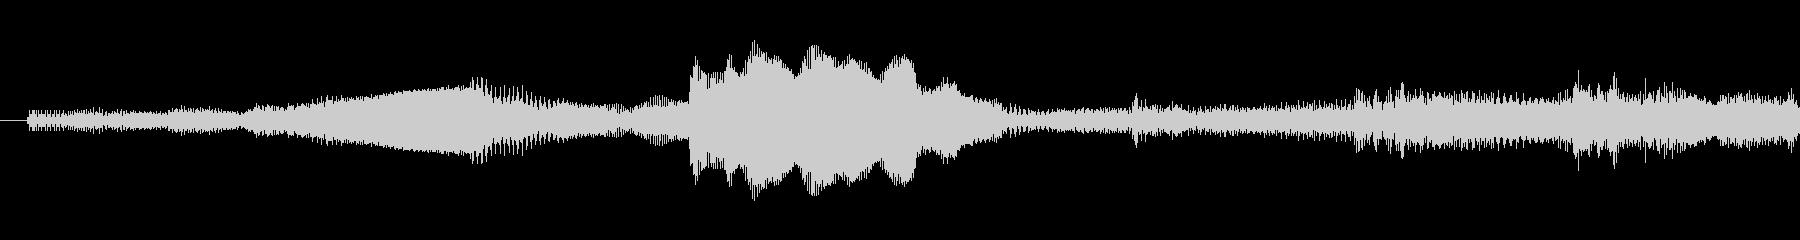 ピポパポ音の未再生の波形